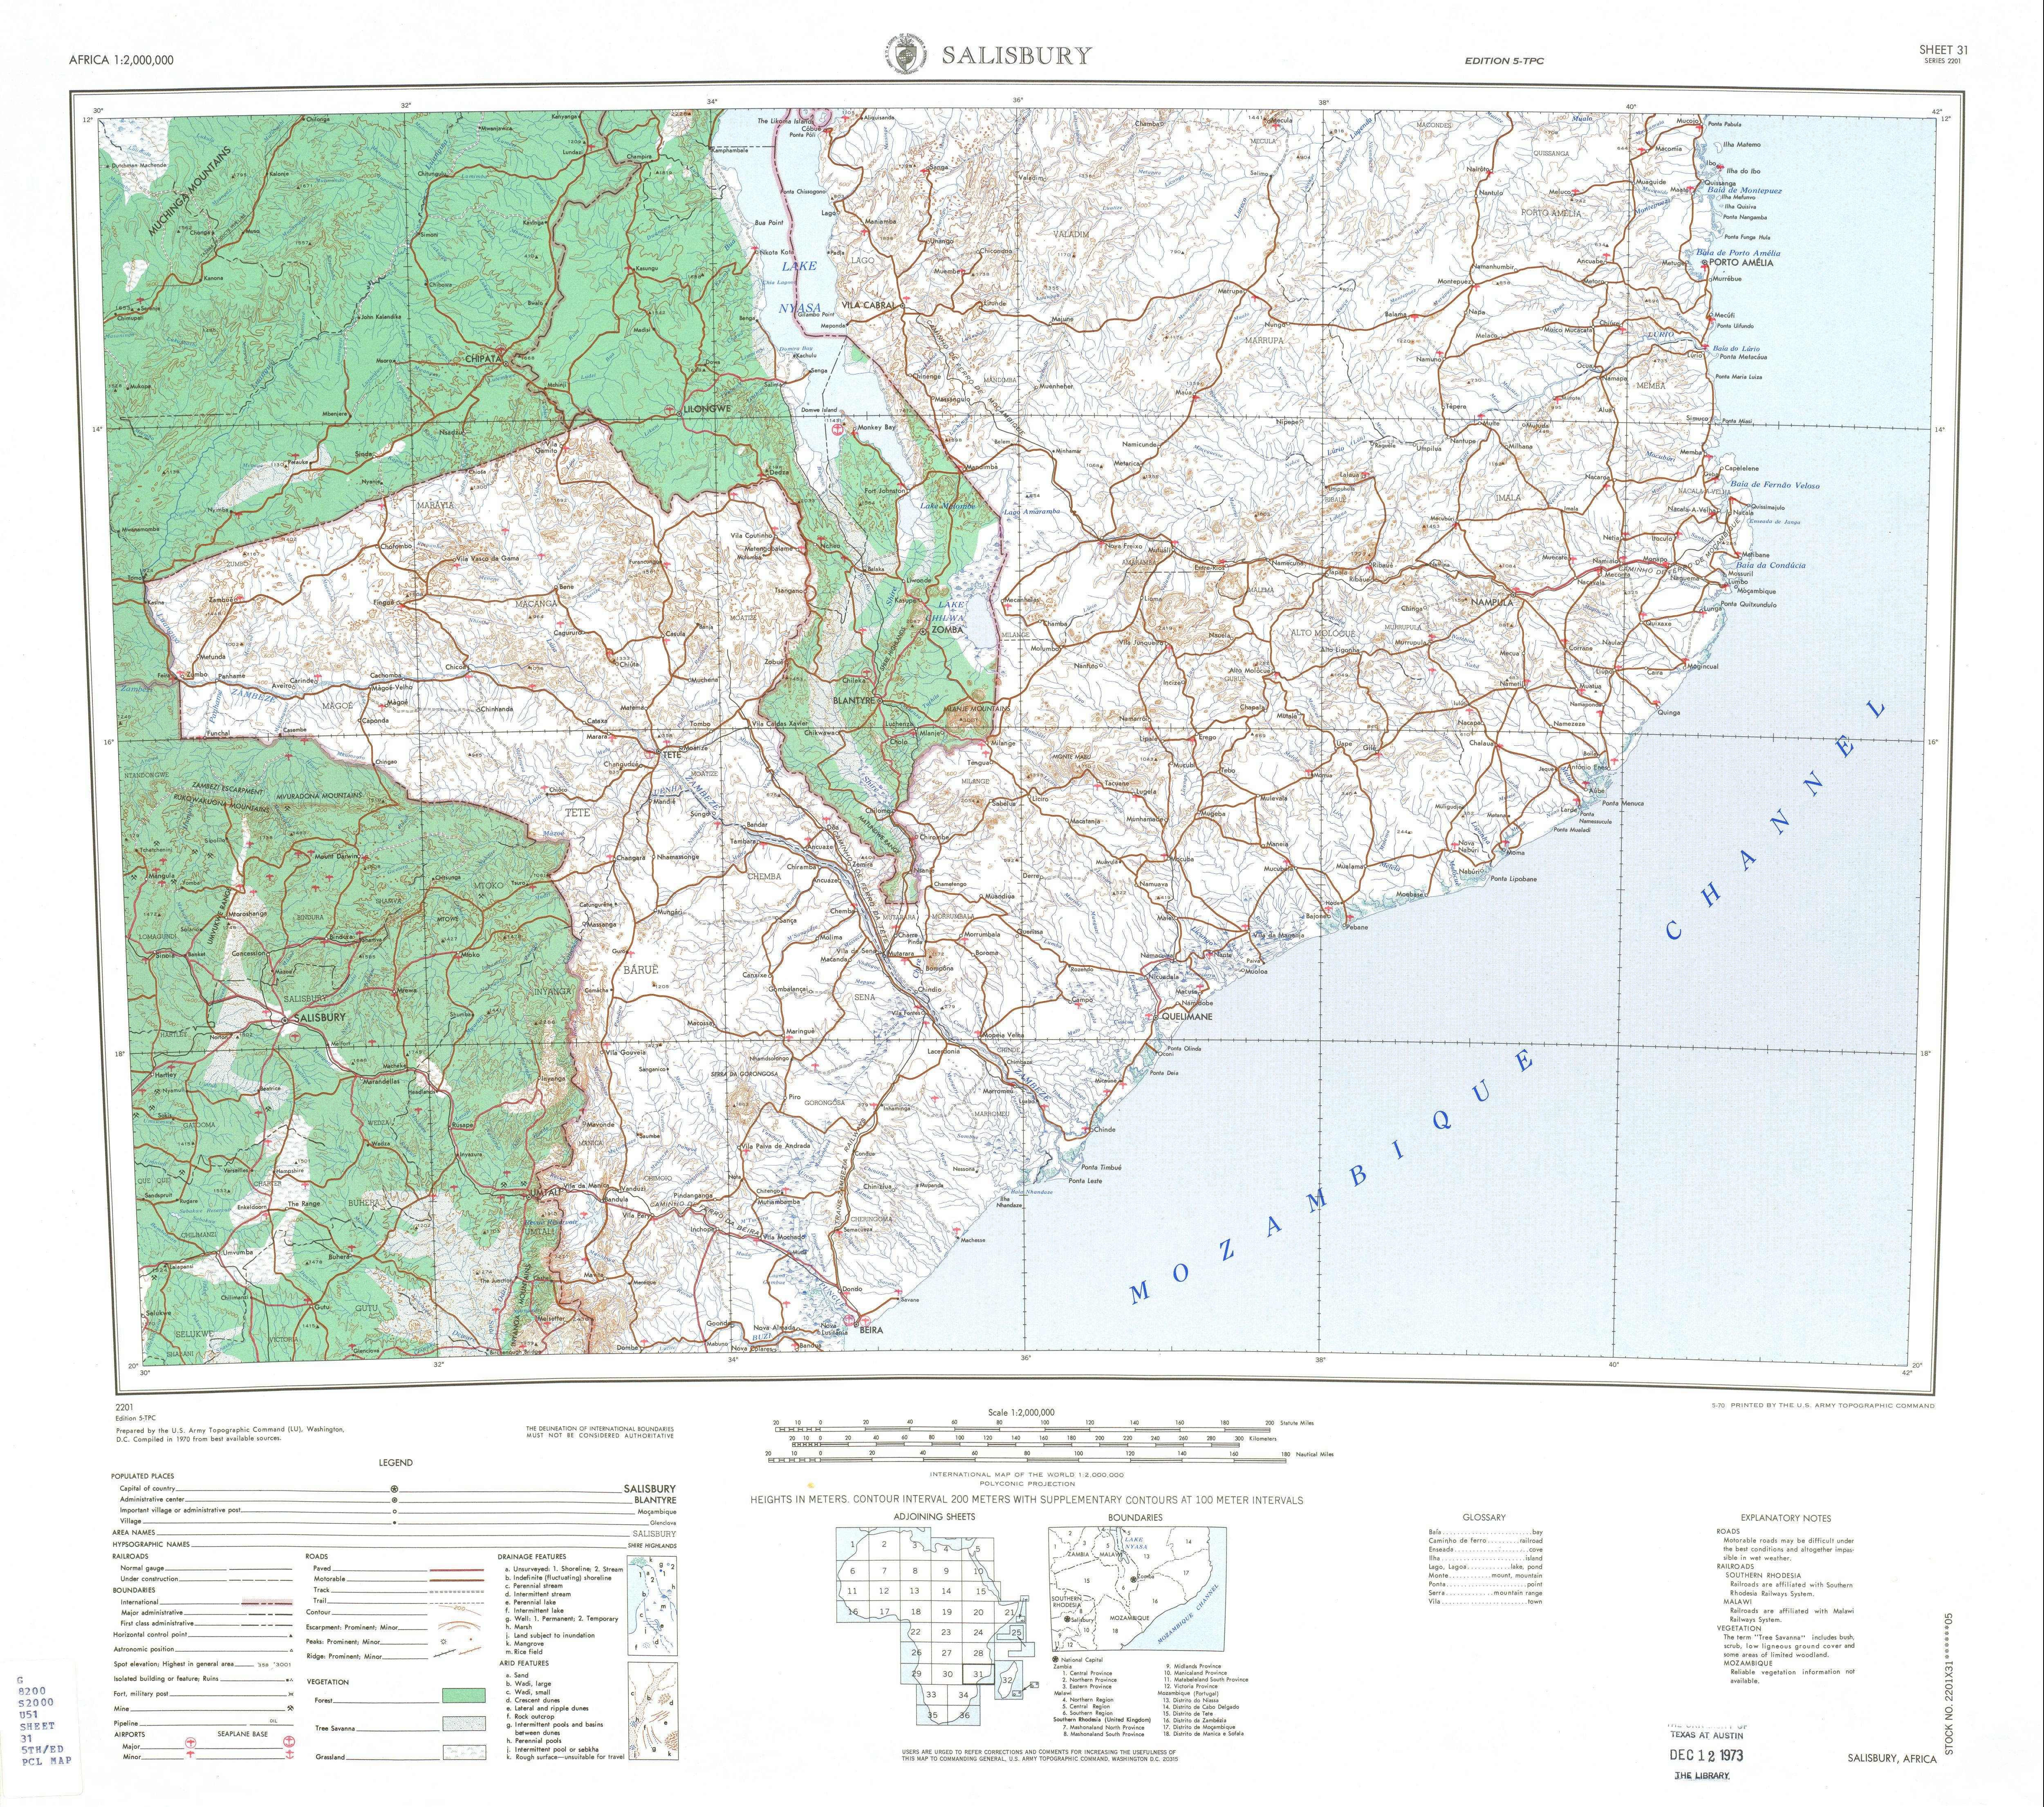 Hoja Harare (Salisbury) del Mapa Topográfico de África 1970